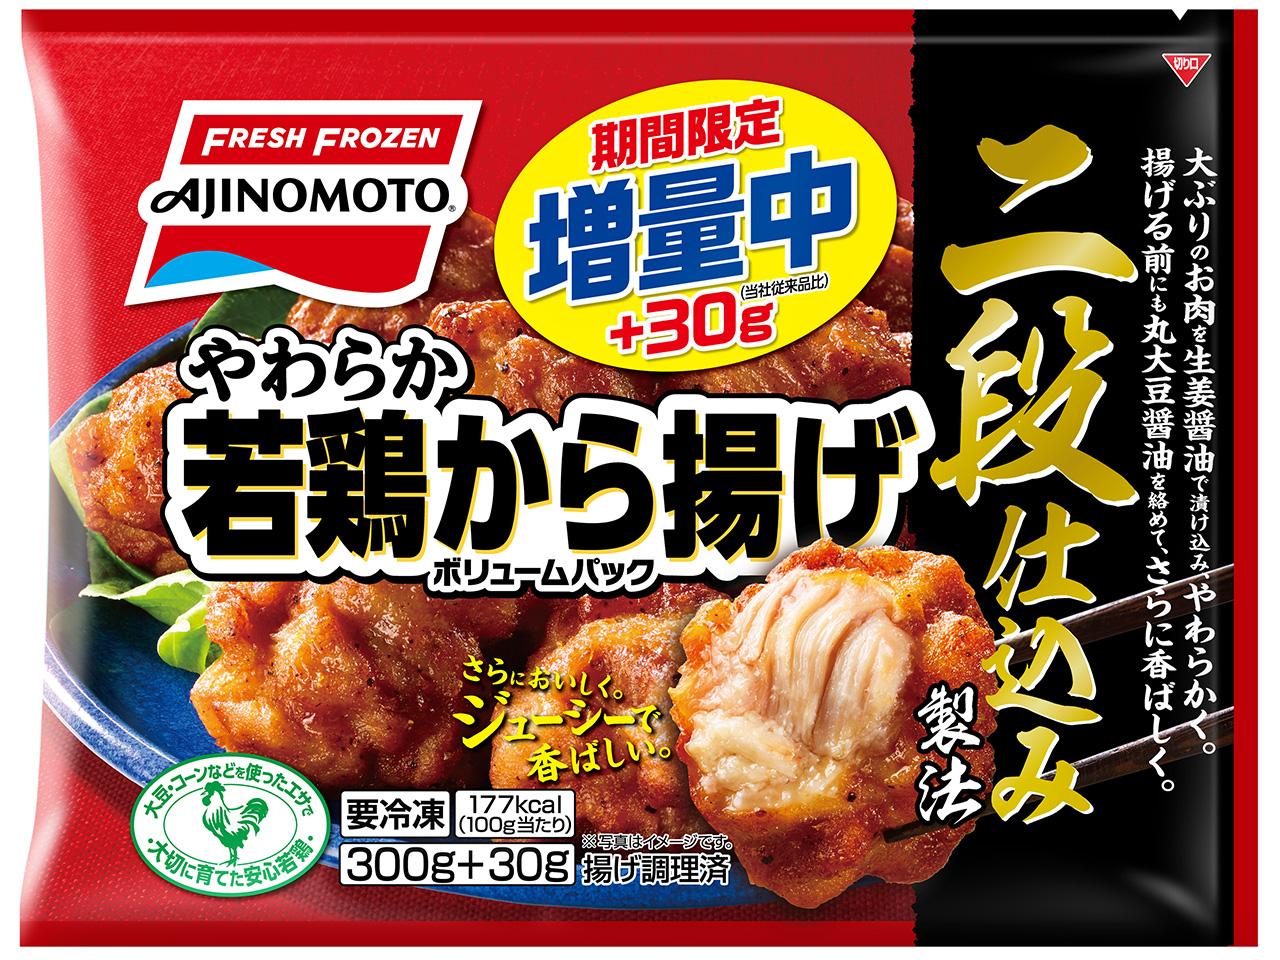 味の素冷凍食品「若鶏からあげボリュームパック」期間限定の増量!! +30g=330g